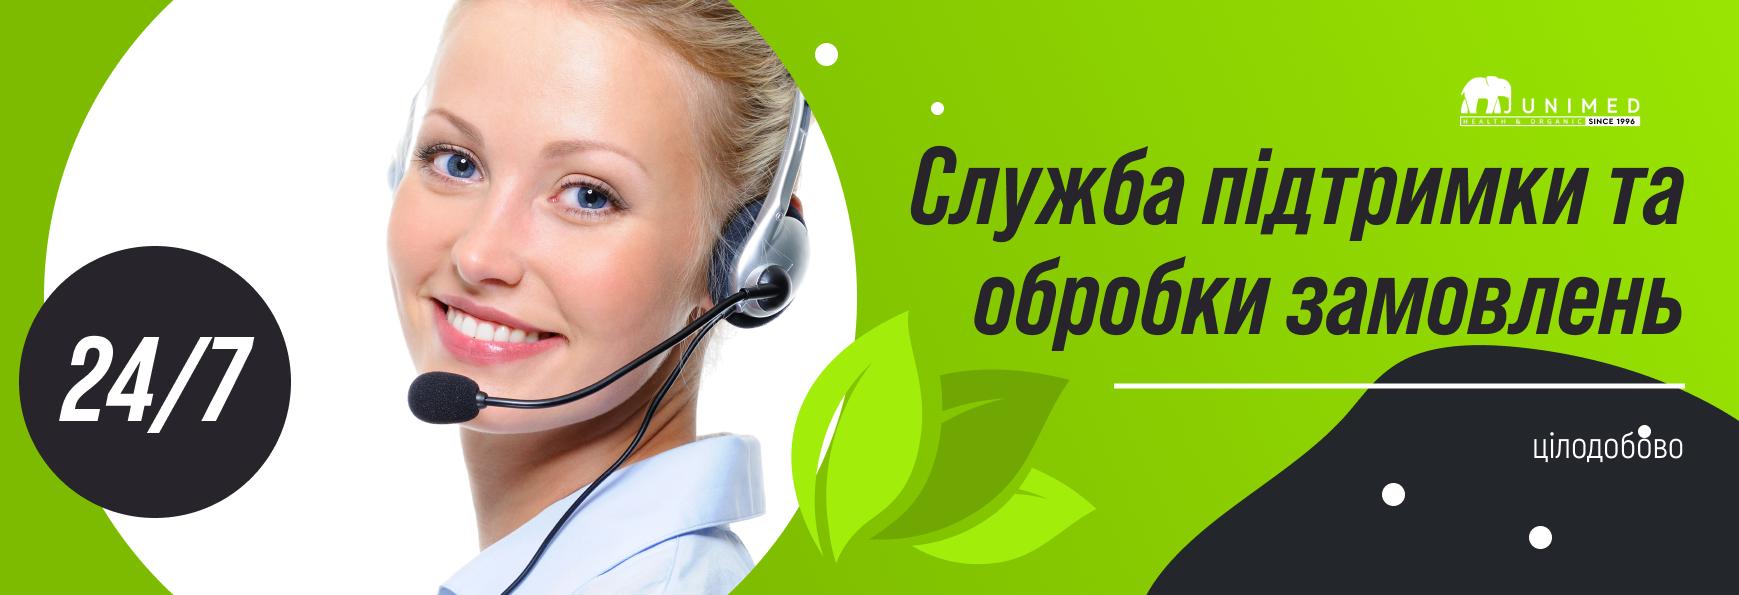 Юнимед - интернет-магазин органической продукции в Украине